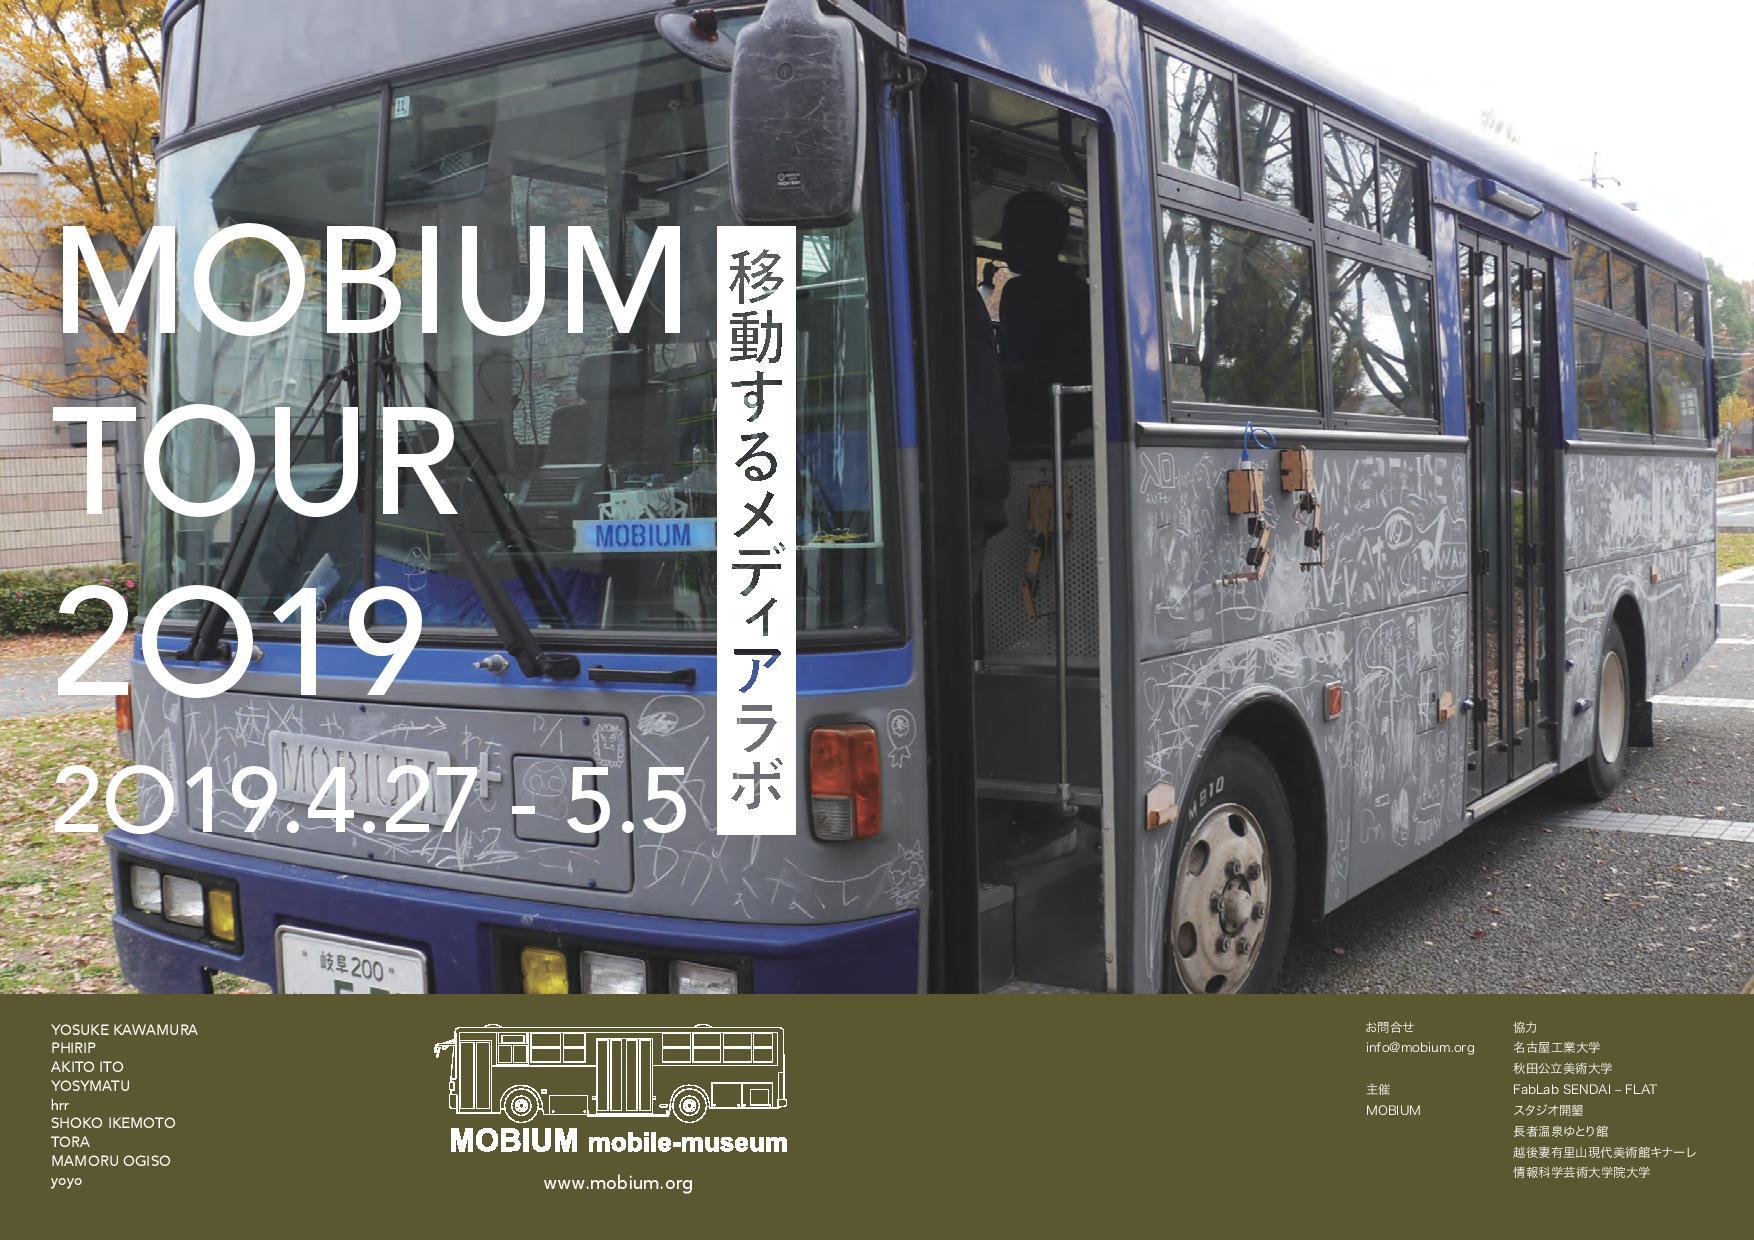 「モビウム・ツアー 2019」移動するメディアラボ